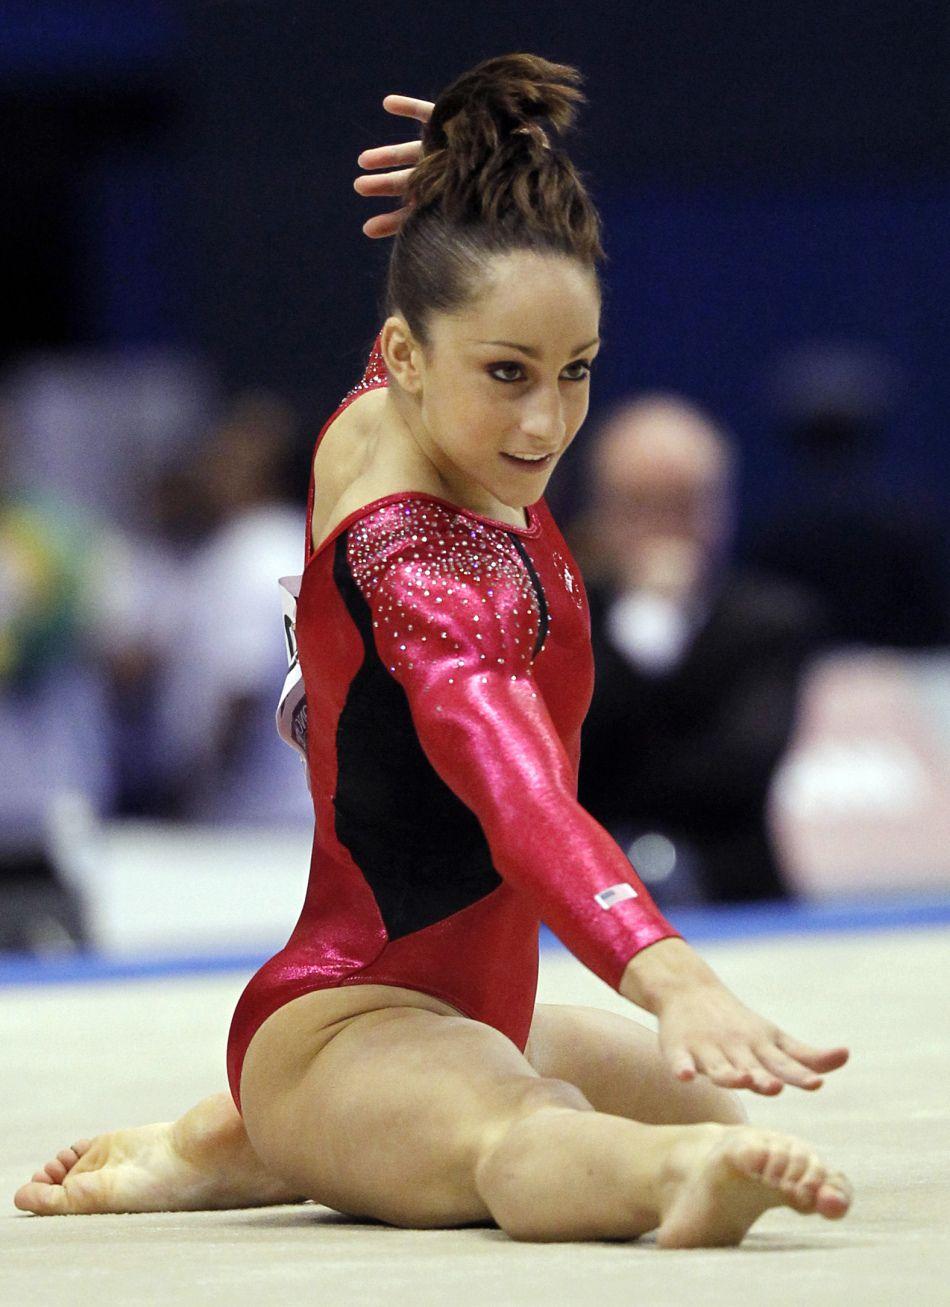 Jordyn Wieber 2nd Fave Gymnast Gymnastics Gymnastics